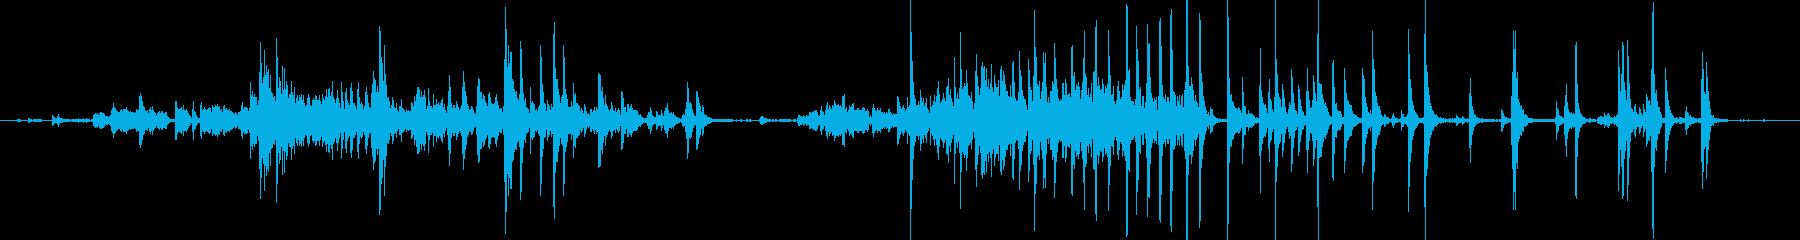 メタル クリークストレスミディアム02の再生済みの波形